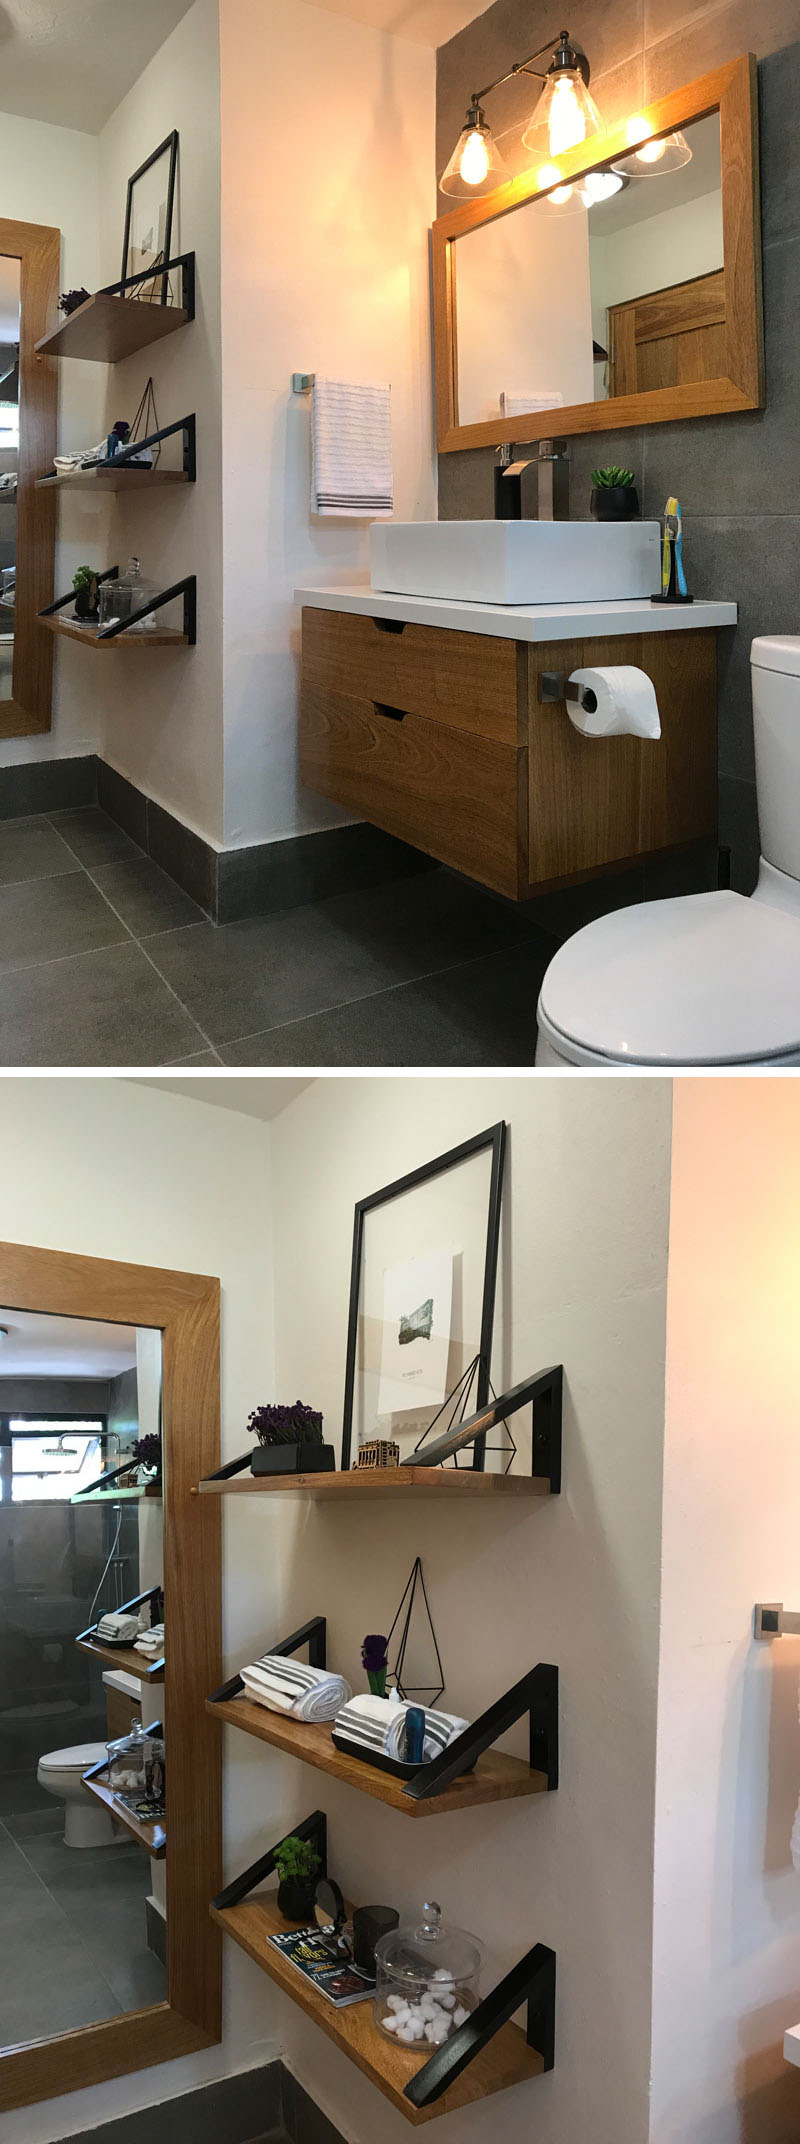 Inainte si dupa - o baie din anii '90 primeste o reamenajare moderna - Înainte și după - o baie din anii '90 primește o reamenajare modernă